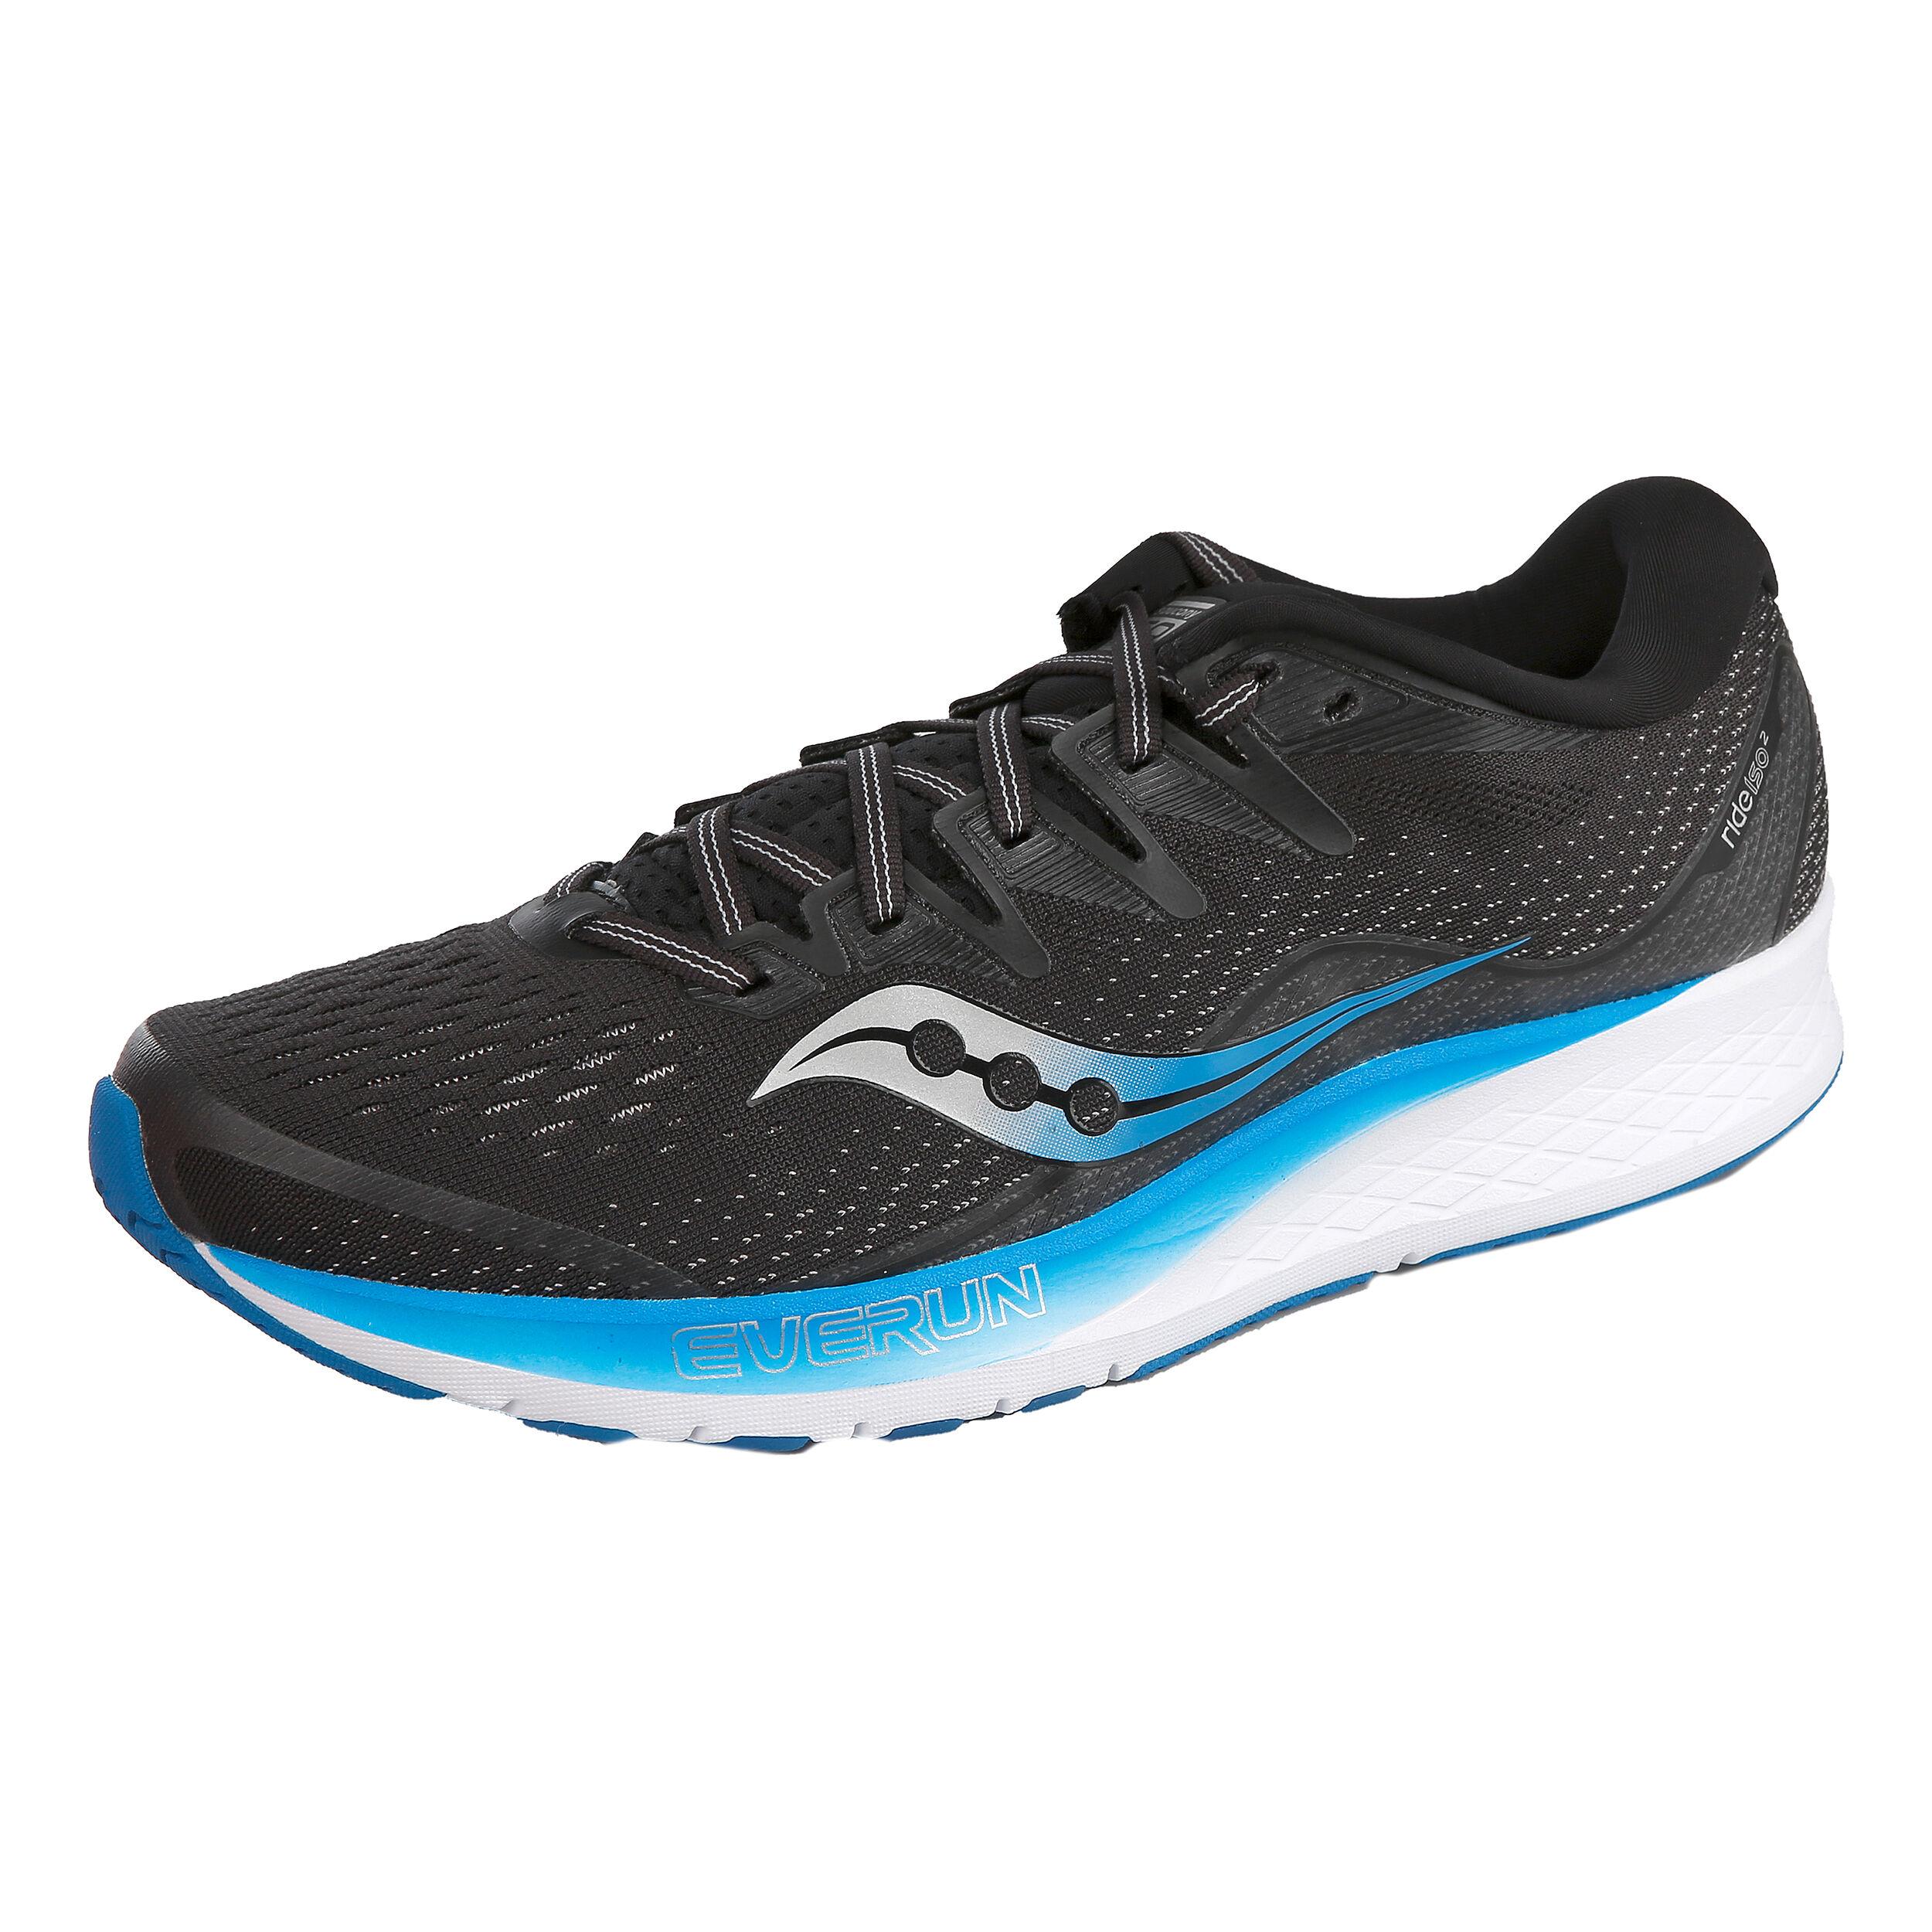 Laufschuhe von Saucony | bis 50% reduziert | Jogging Point